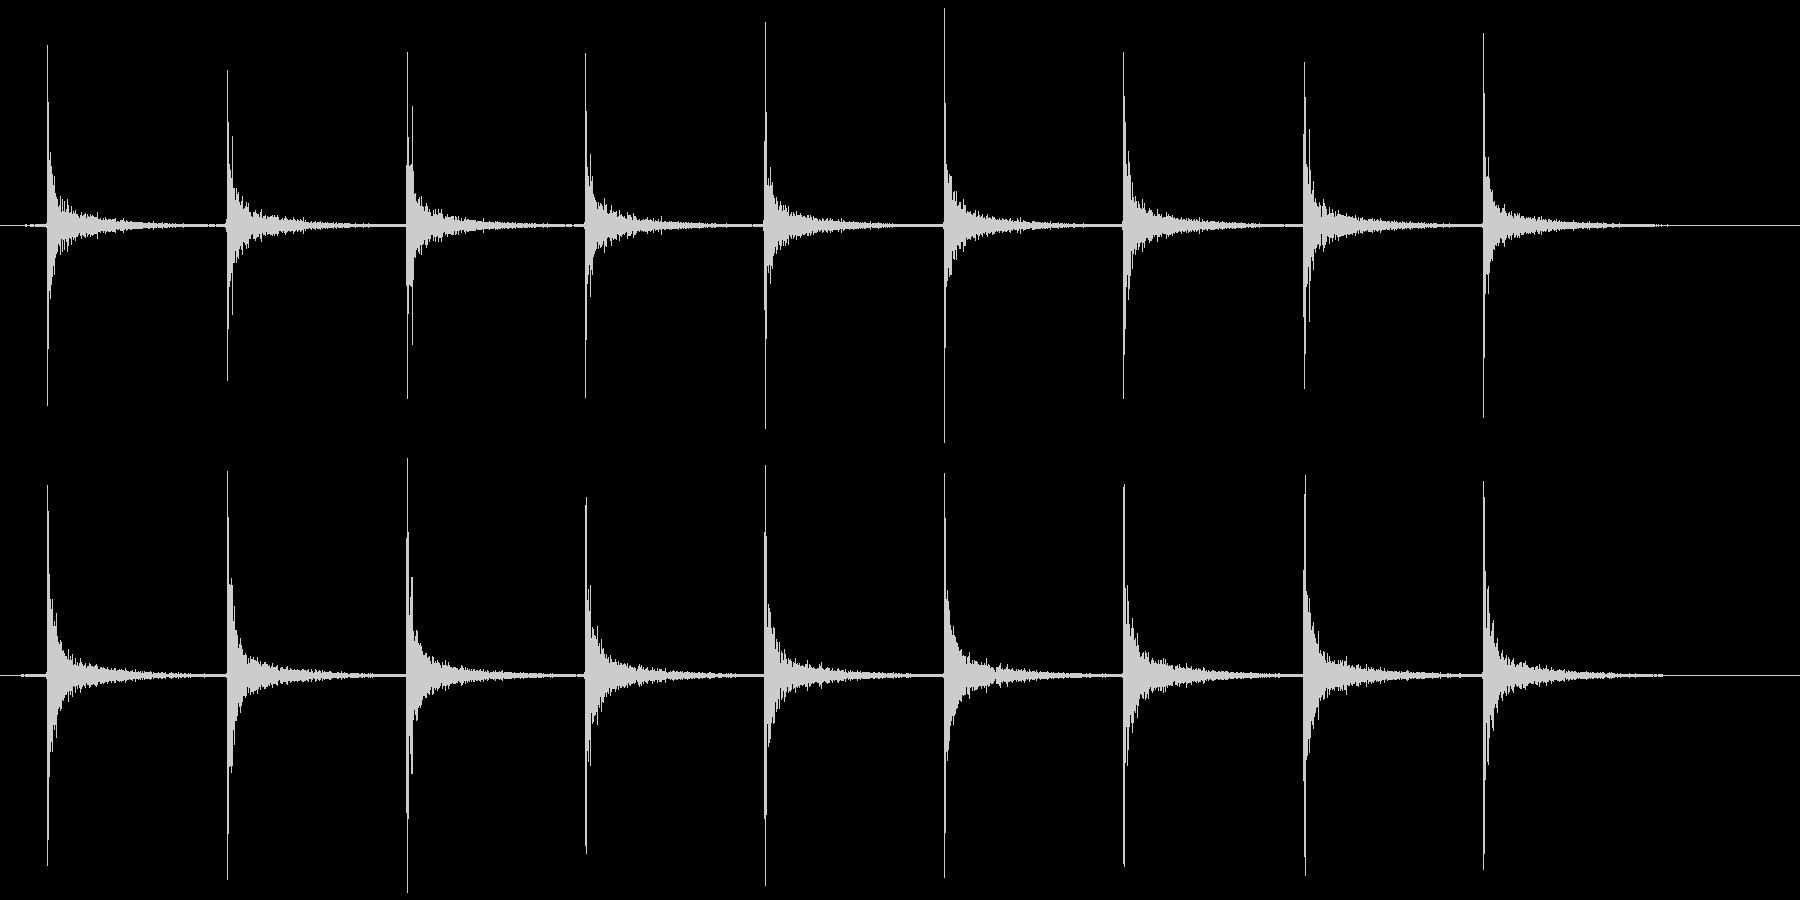 ガスコンロ 点火音(チッチッチッ…)の未再生の波形